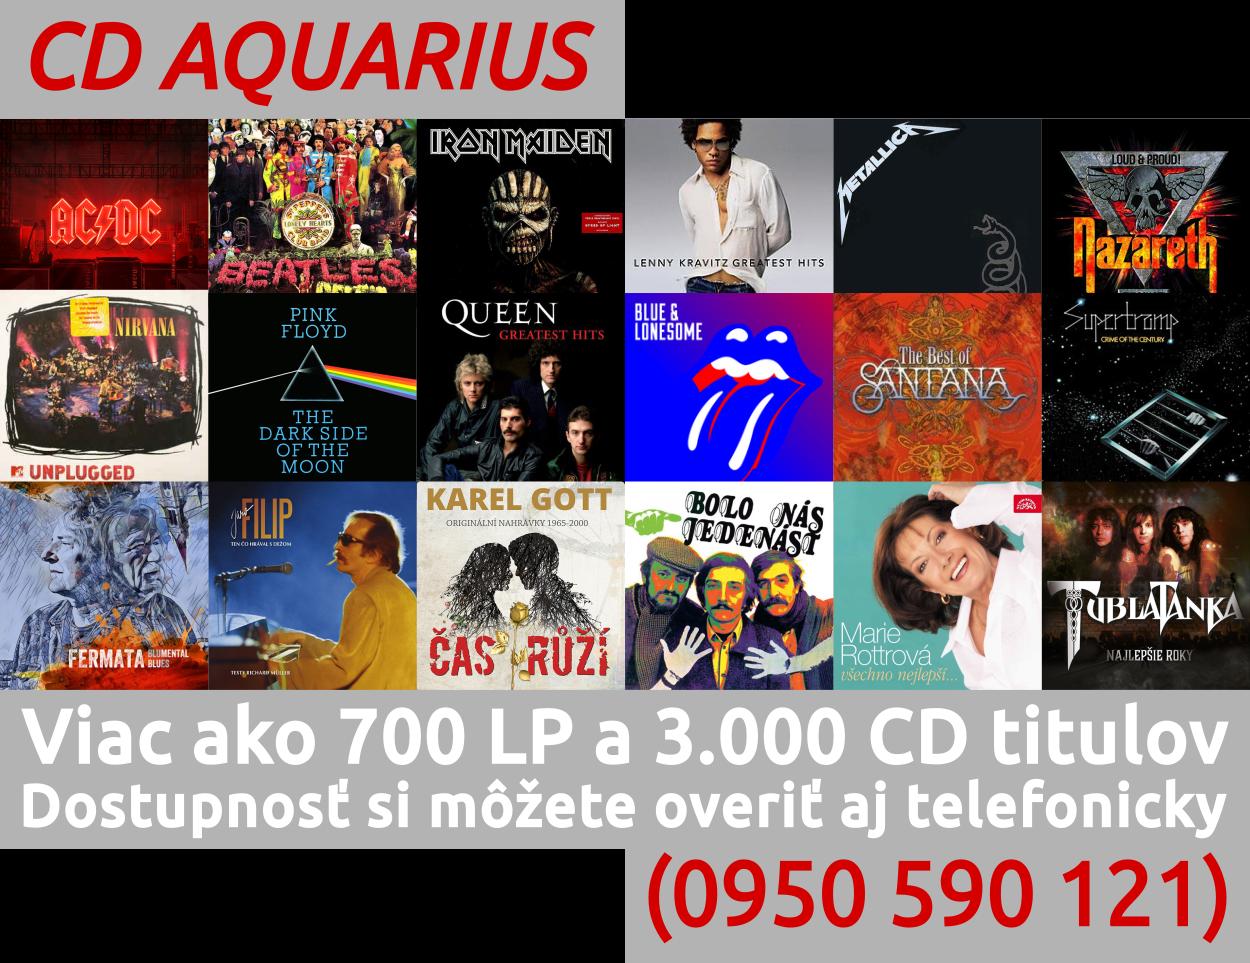 700 LP a 3000 CD titulov